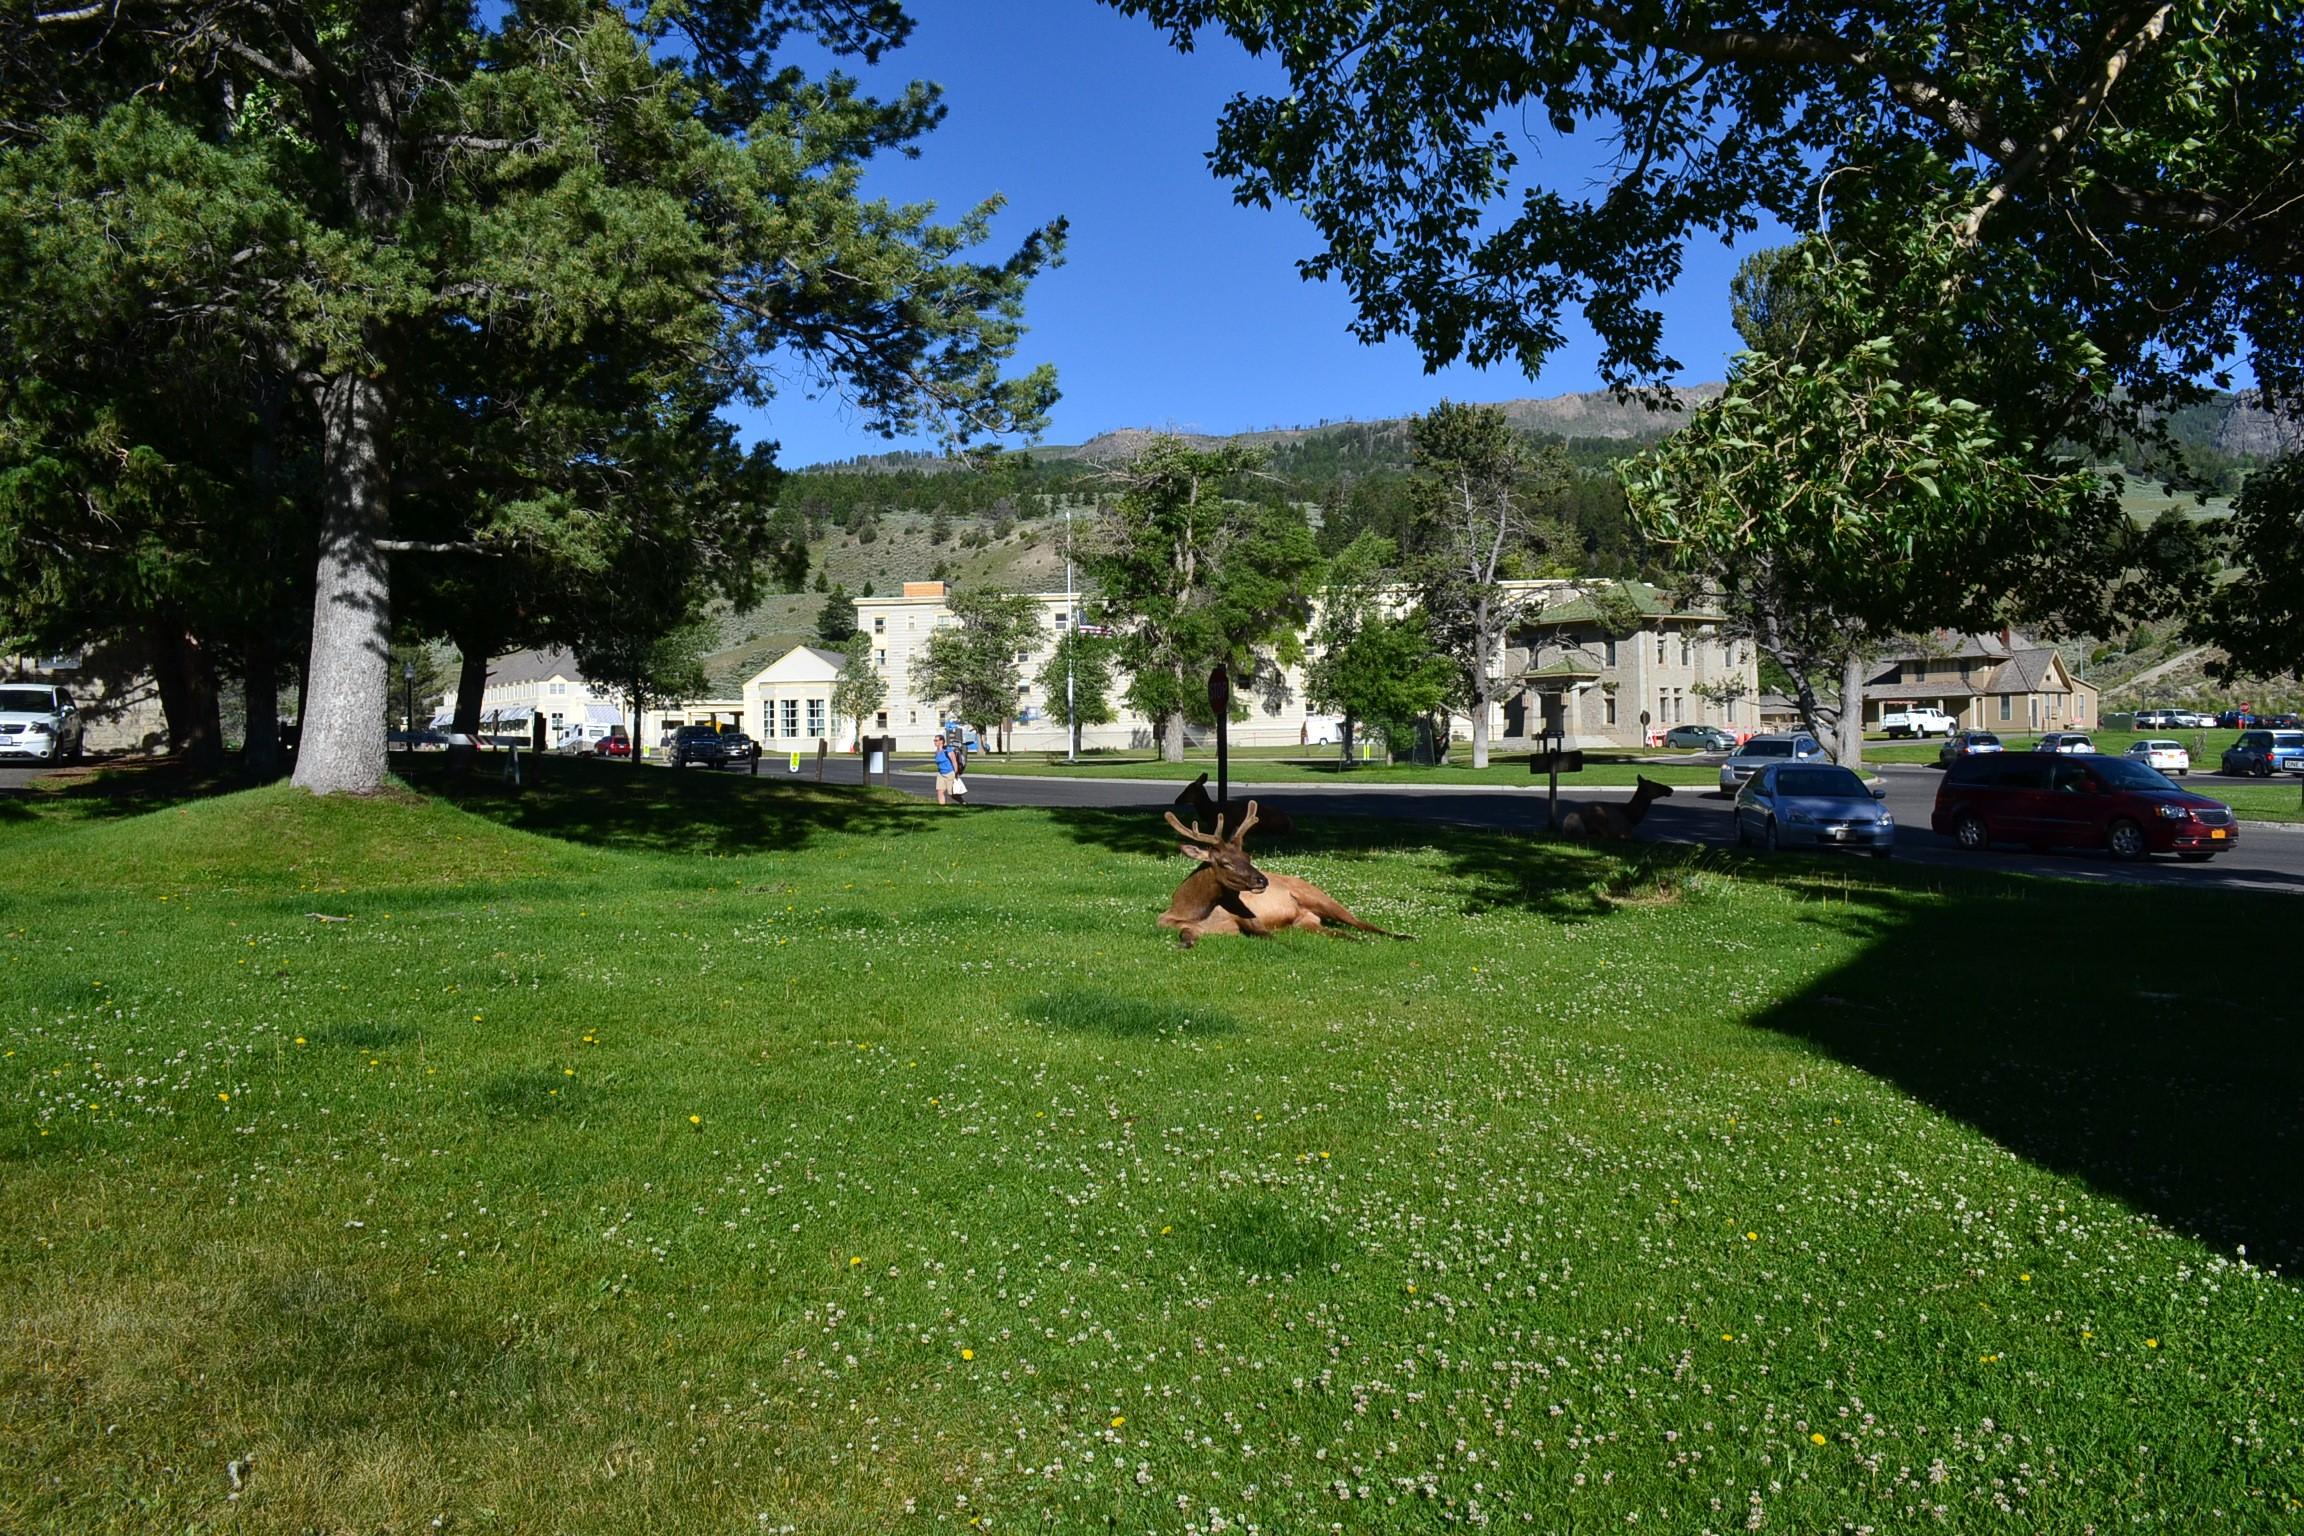 Elk relaxing on lawn in Mammoth Hot Springs.